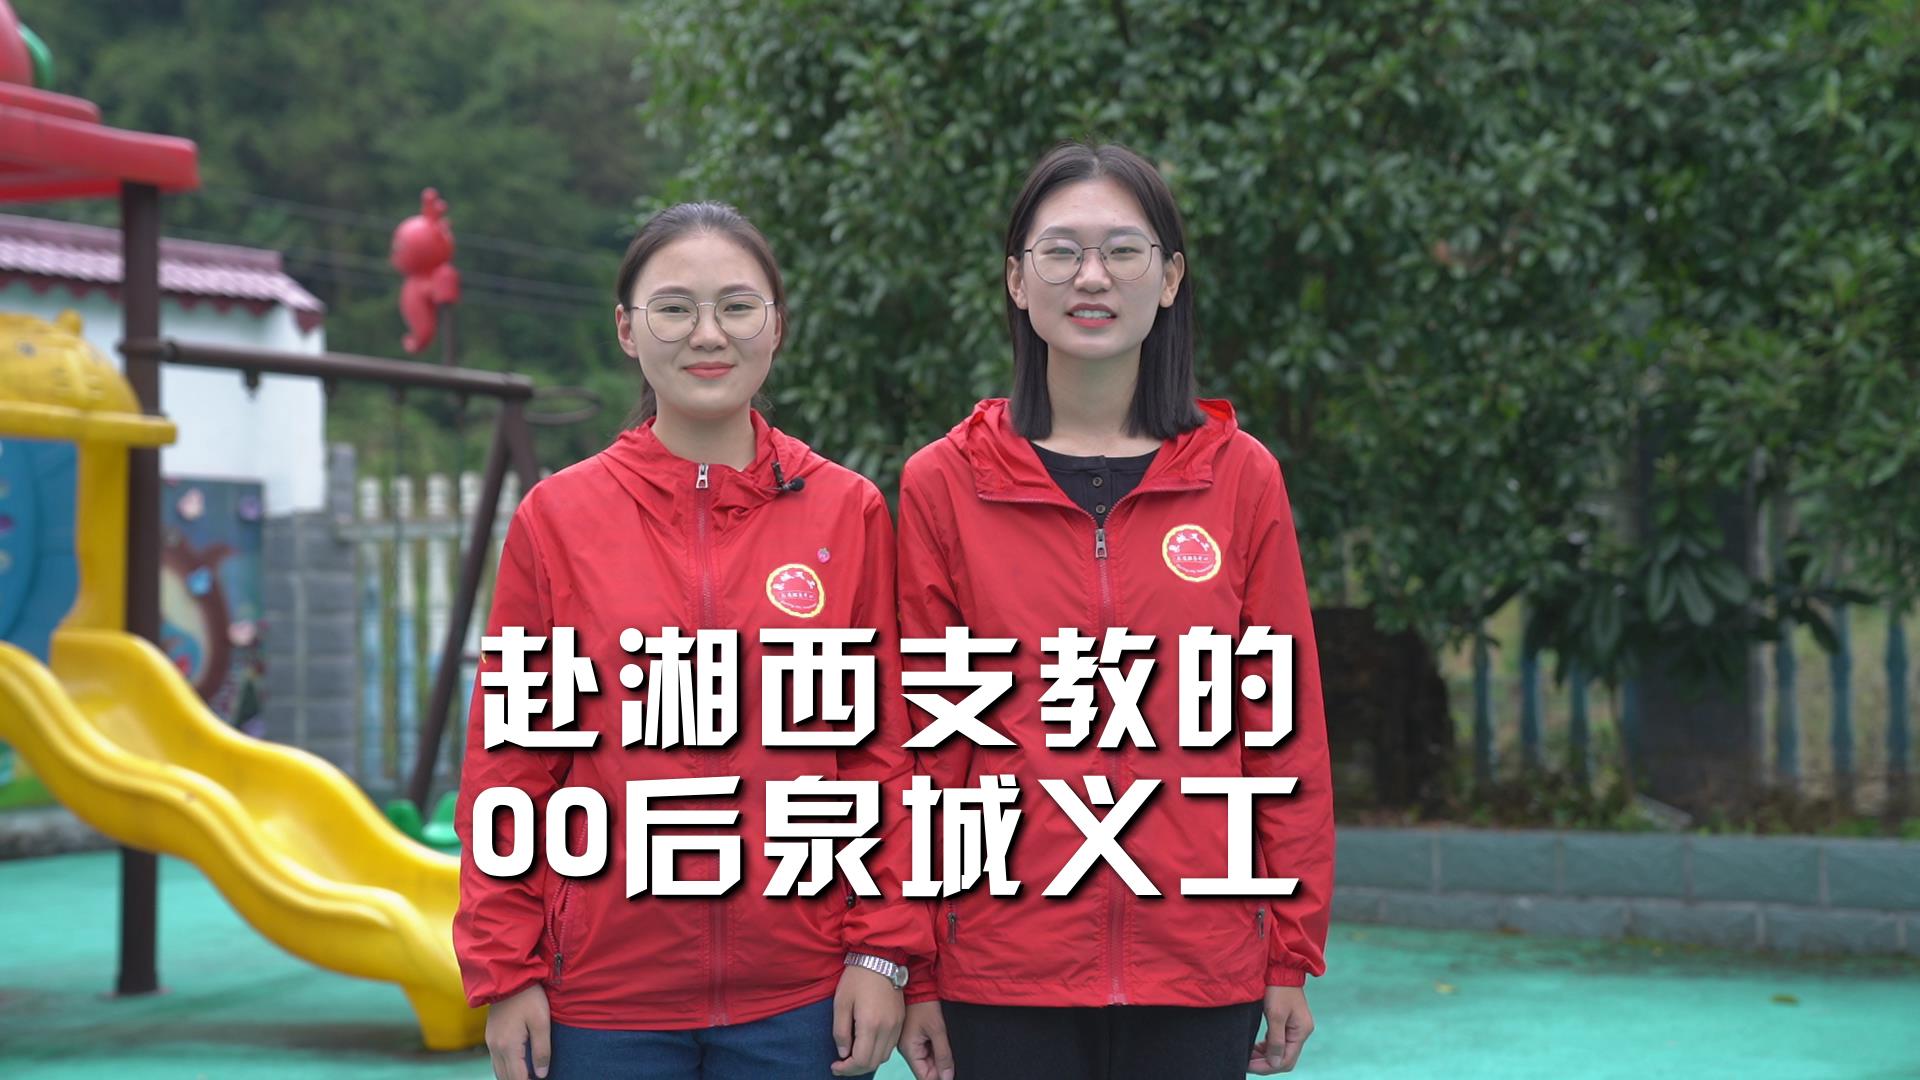 【好Young 的!青年】赴湘西支教的00后泉城义工:用爱绘就青春色彩